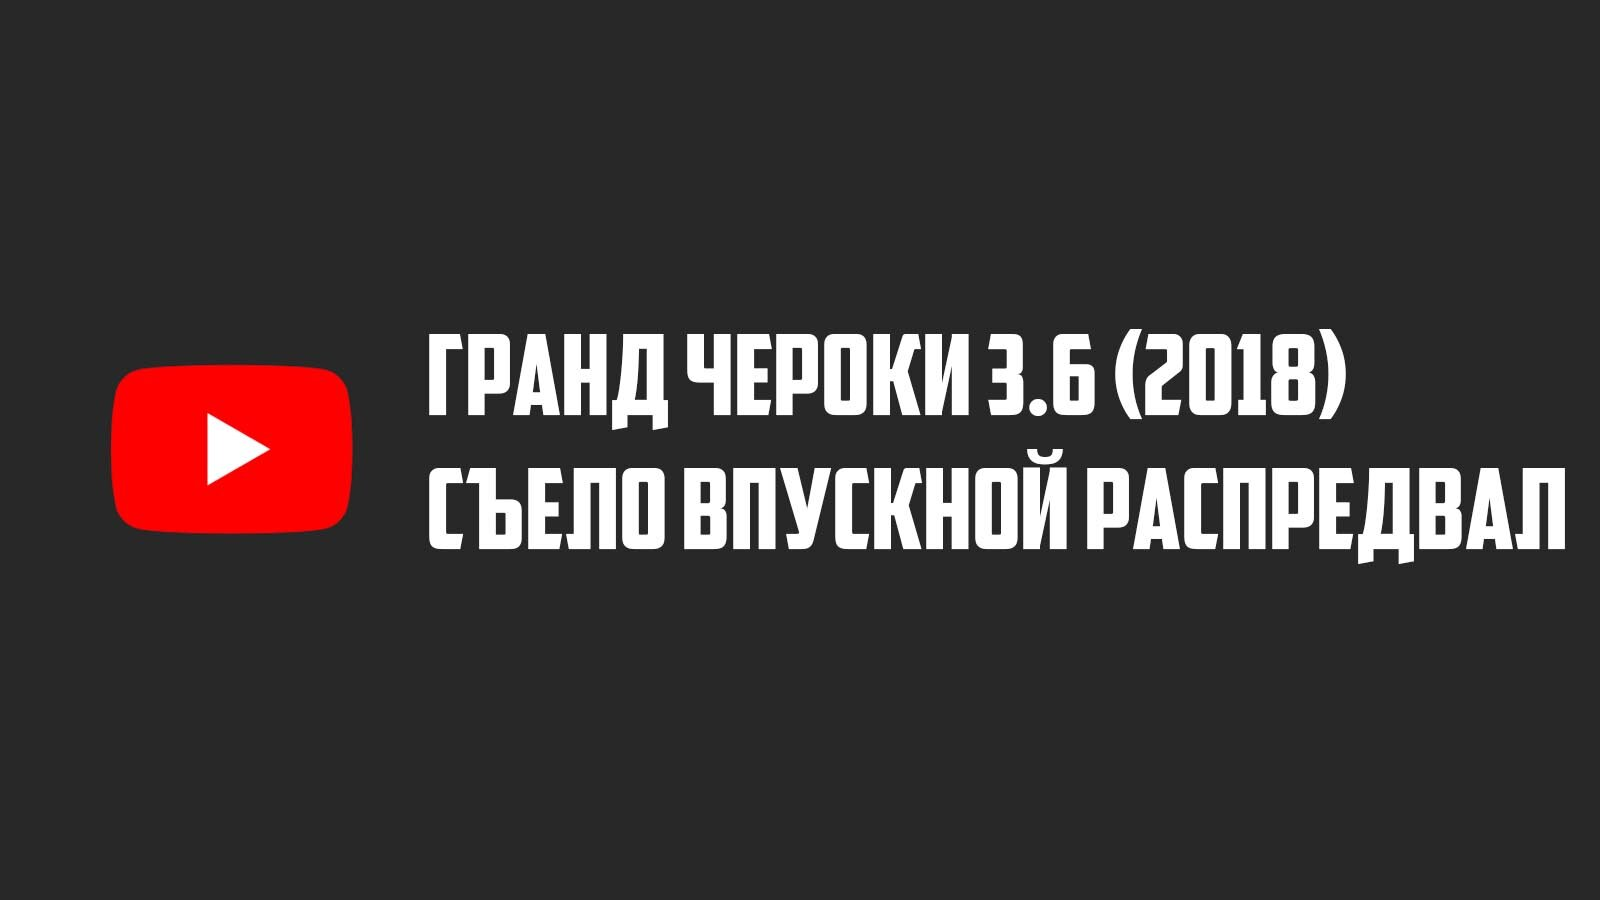 Съело распредвал Гранд Чероки 3.6 (2018)